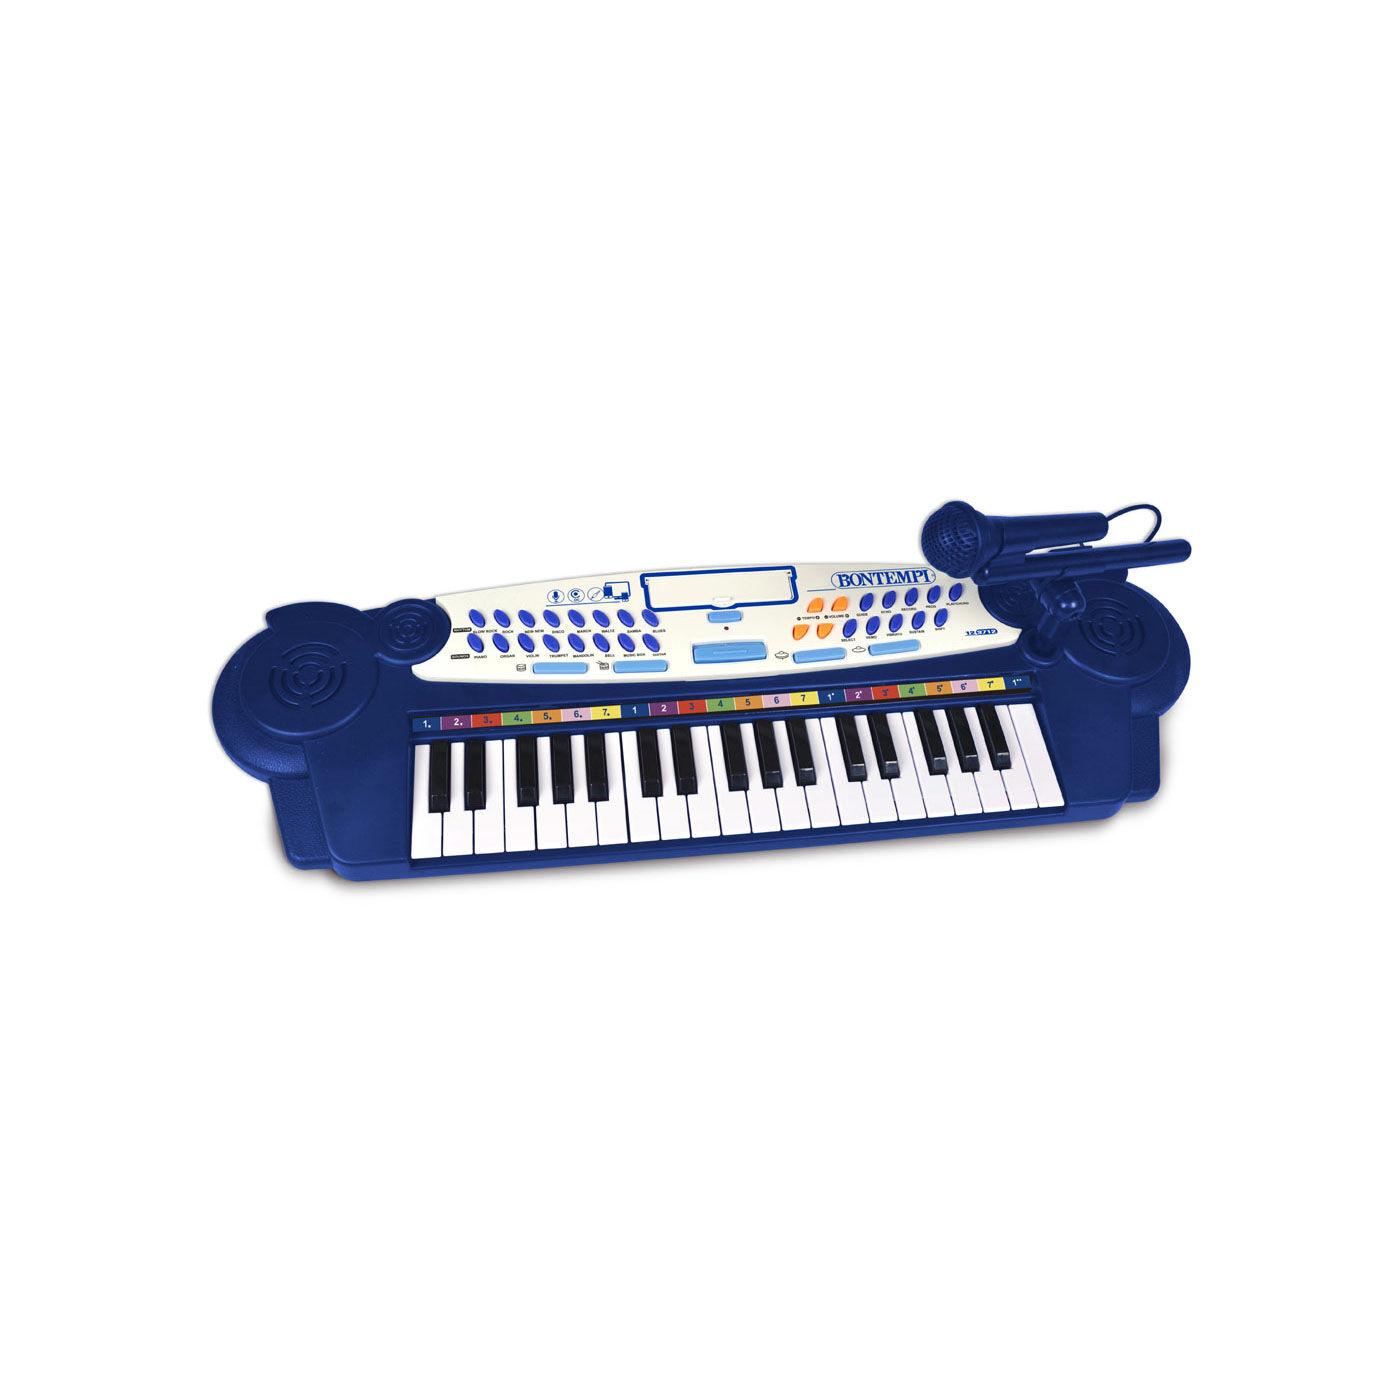 Bontempi elektromos szintetizátor kék